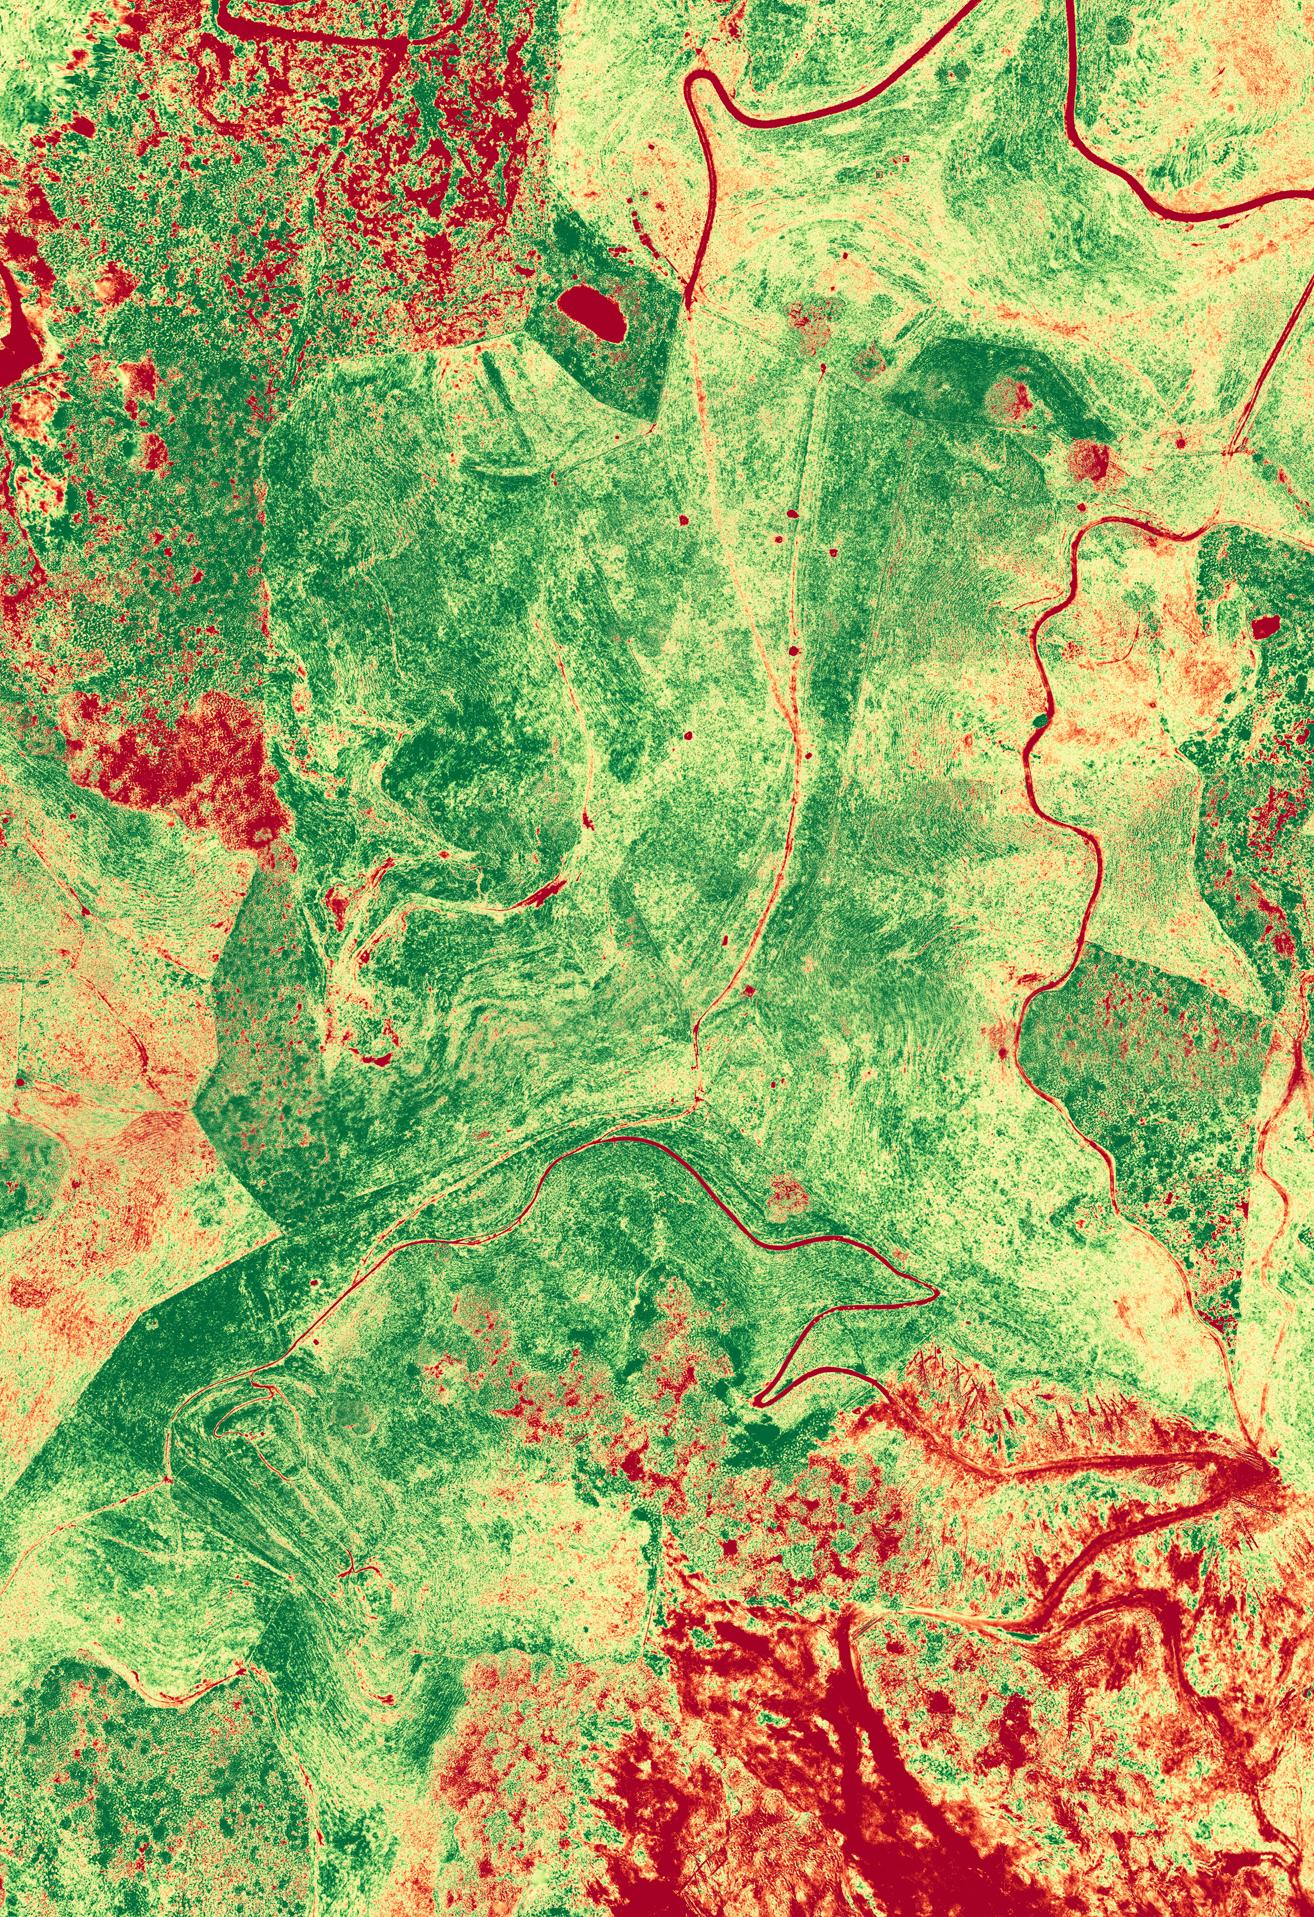 NDVI vegetation density survey